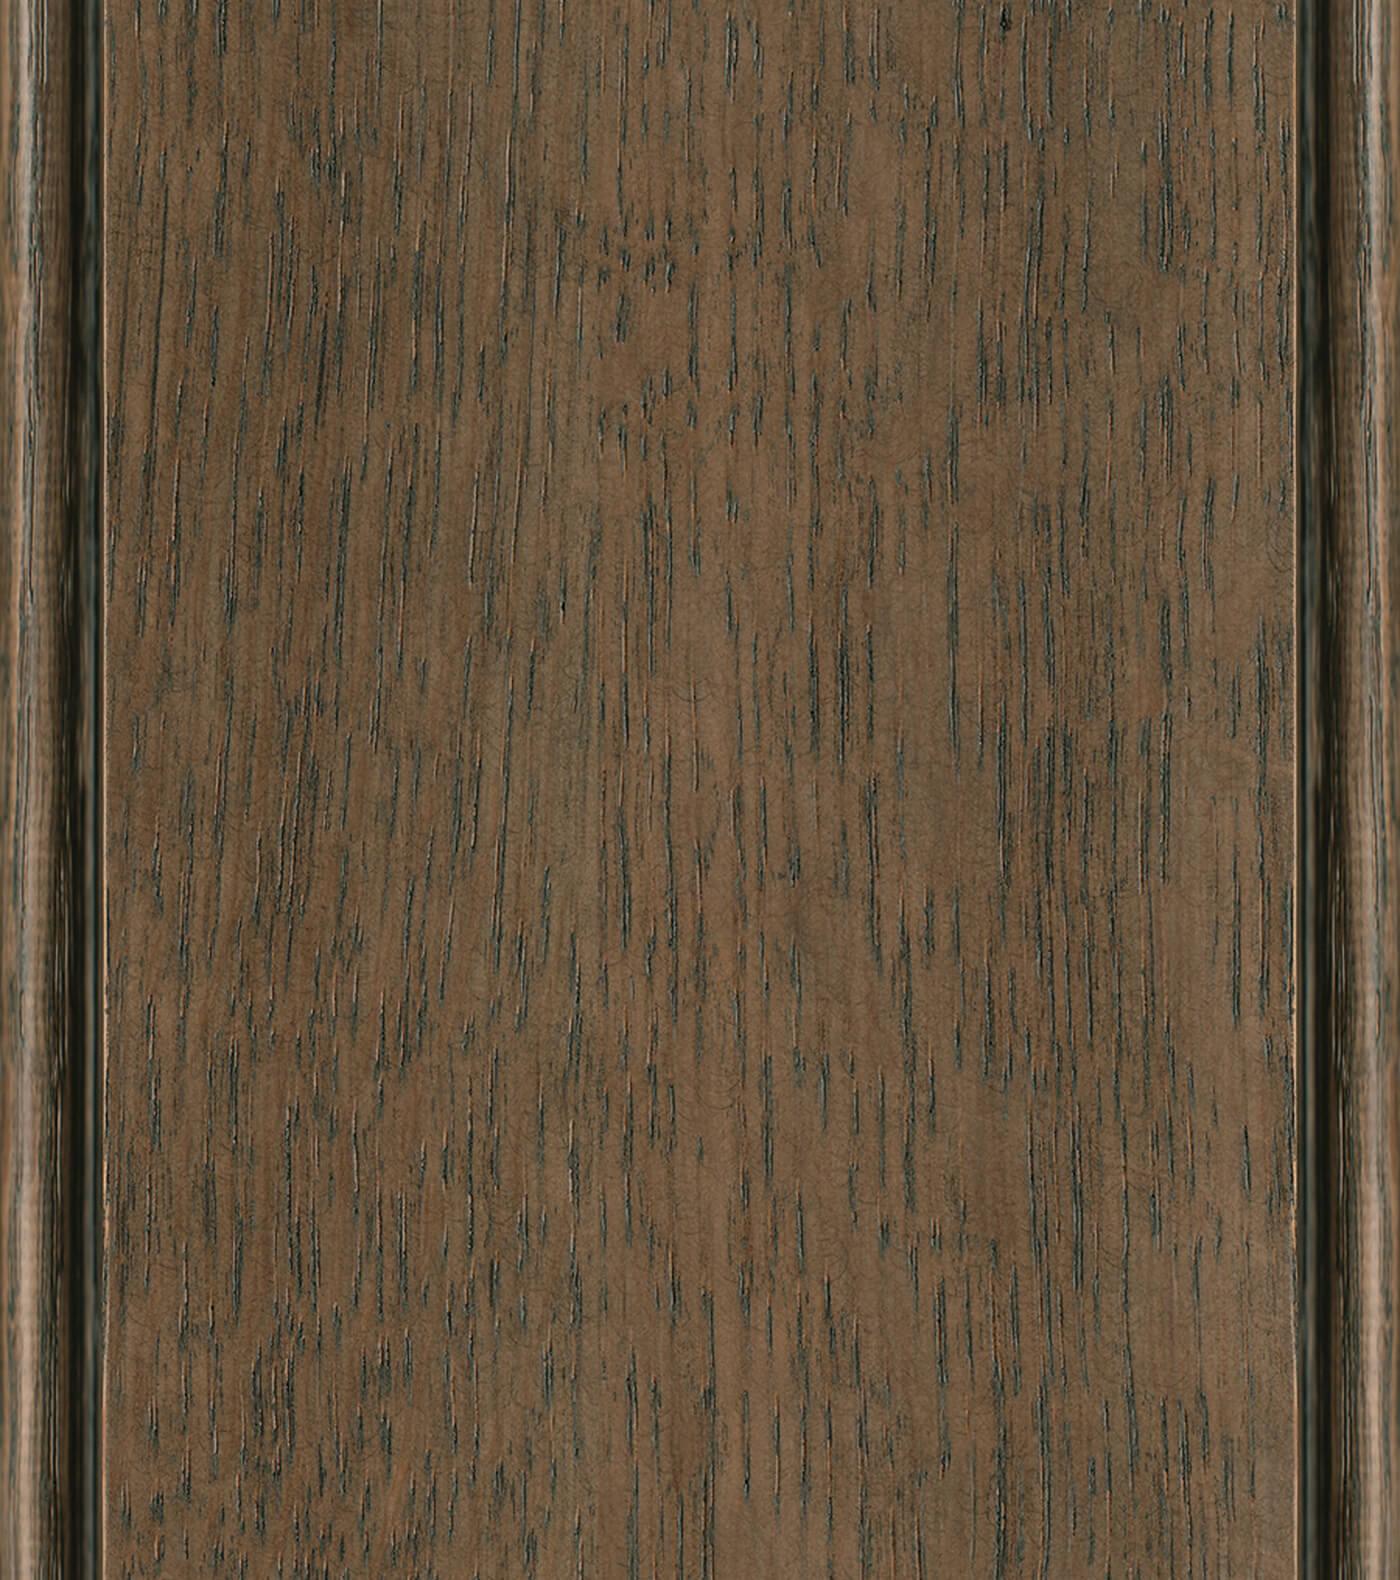 Morel Stain on Red Oak or Quarter-Sawn Red Oak